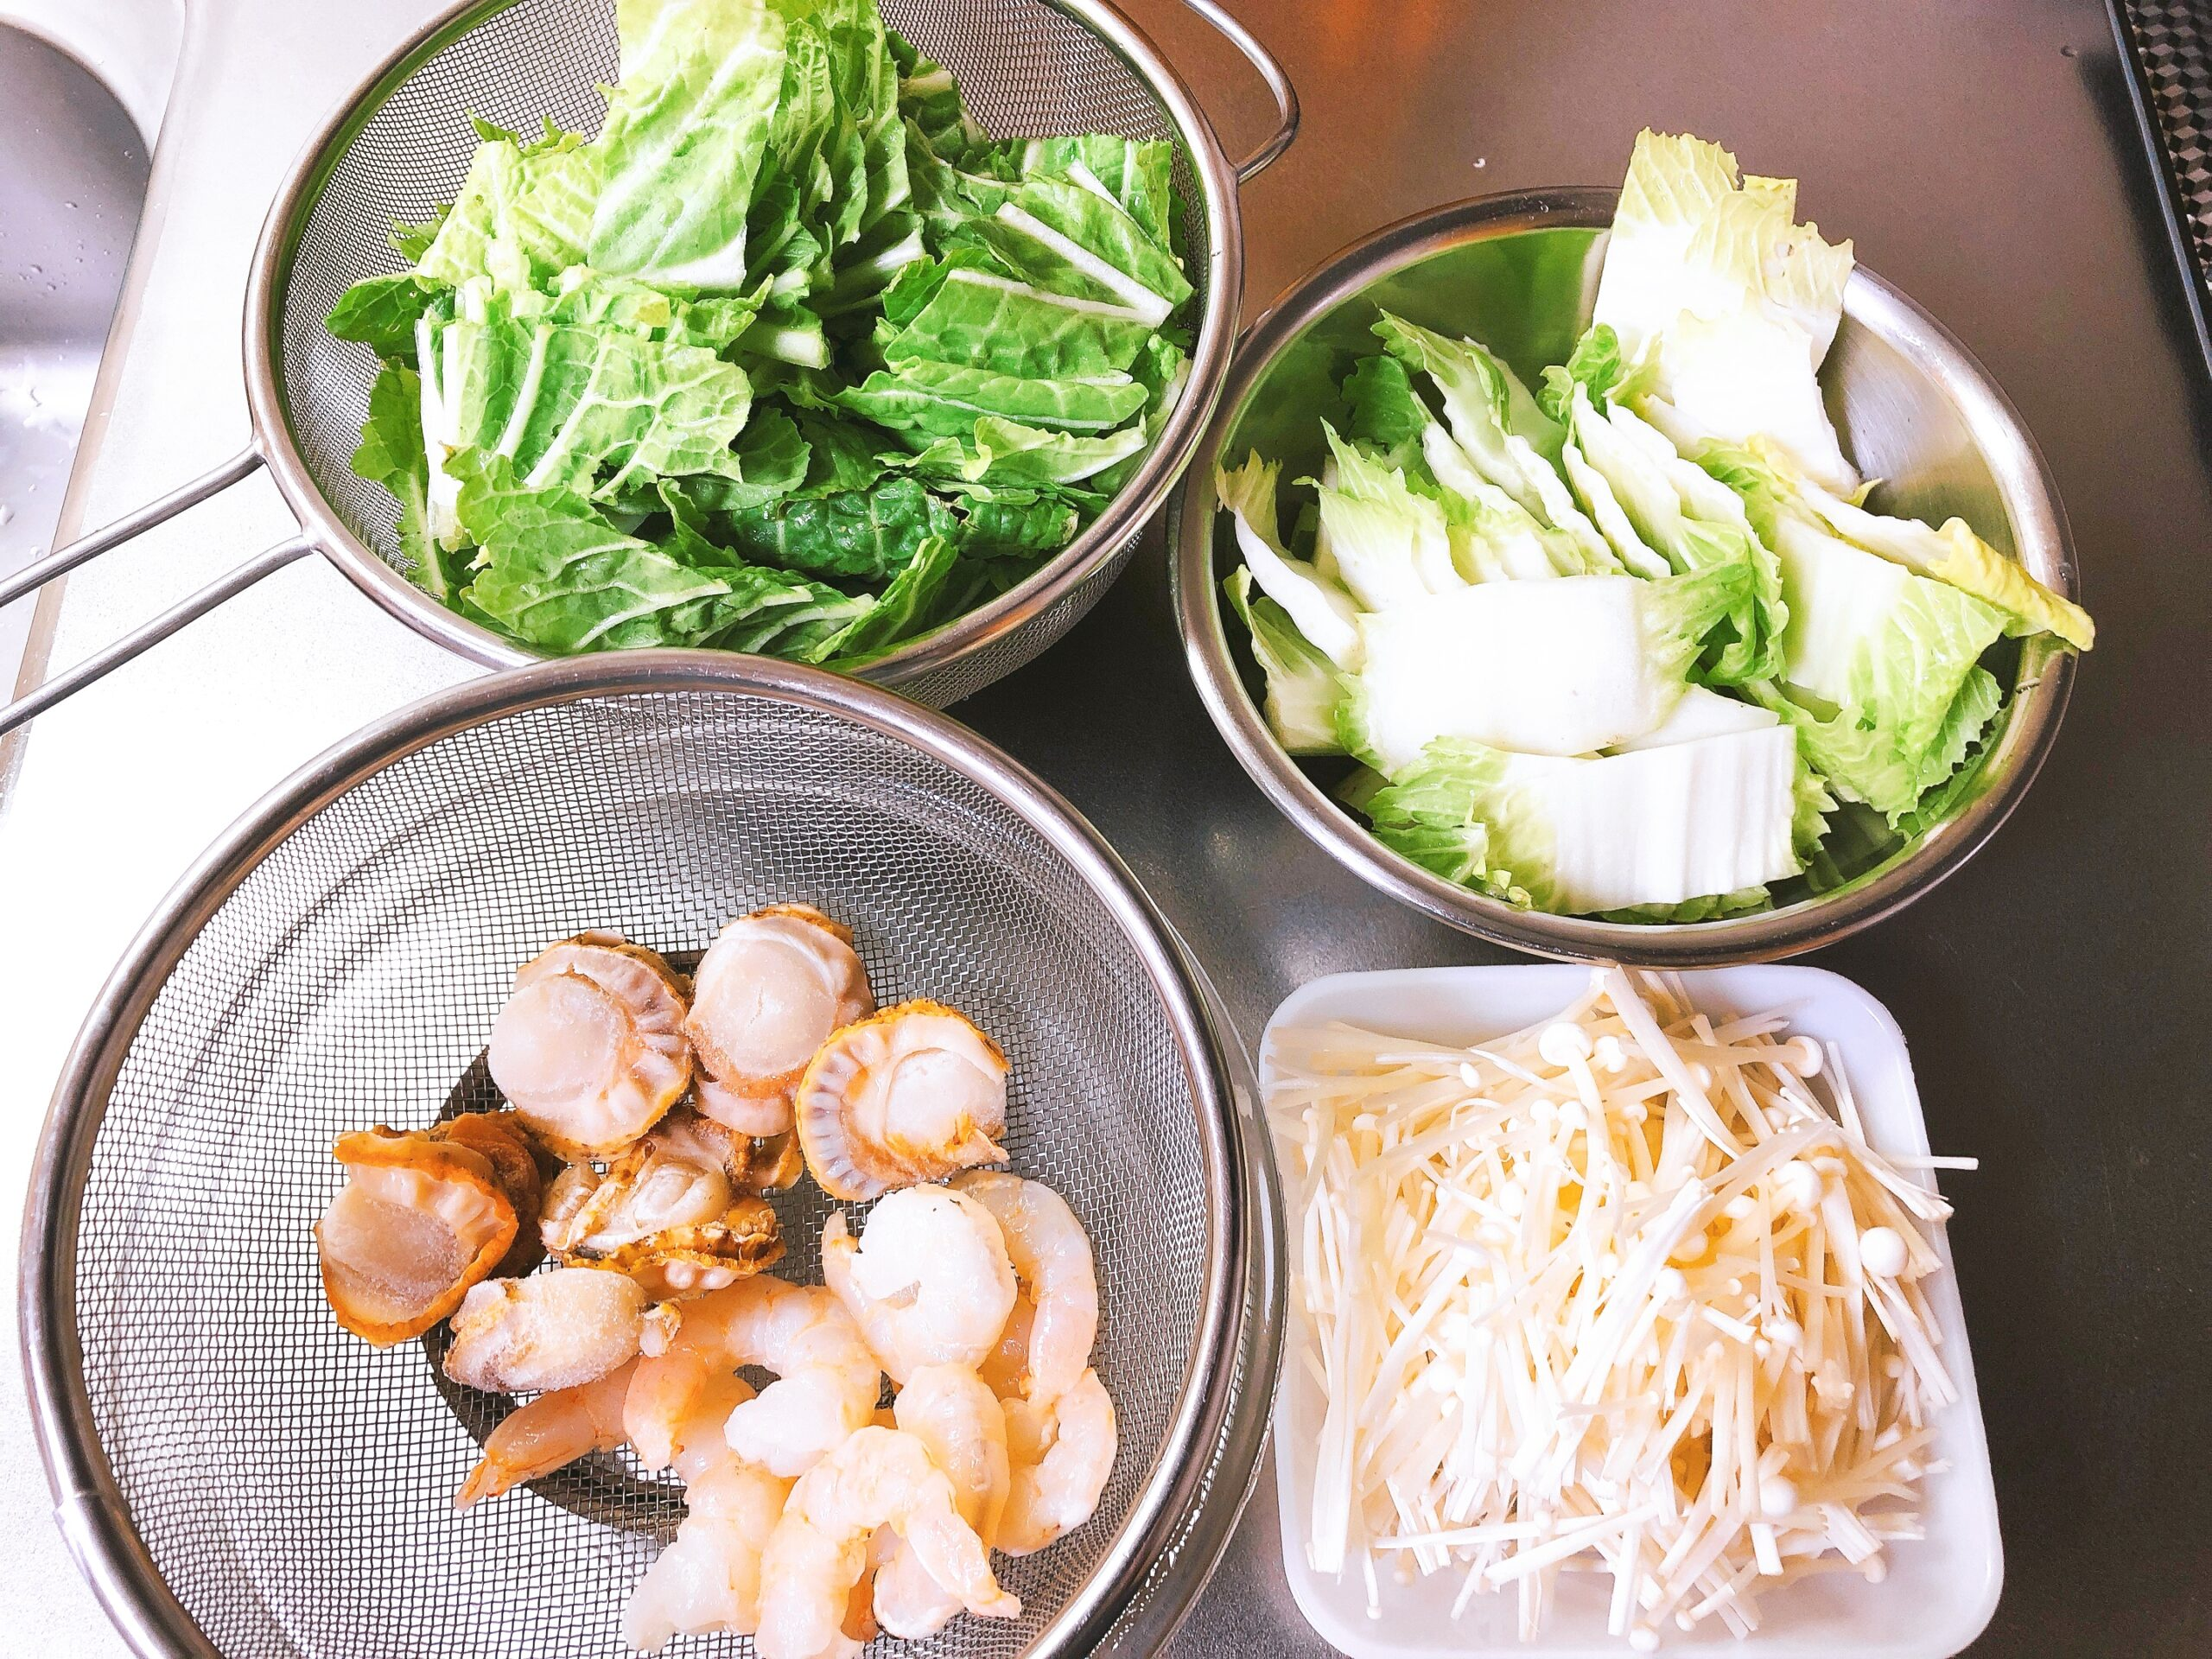 大根と鶏肉の煮物アレンジ具材